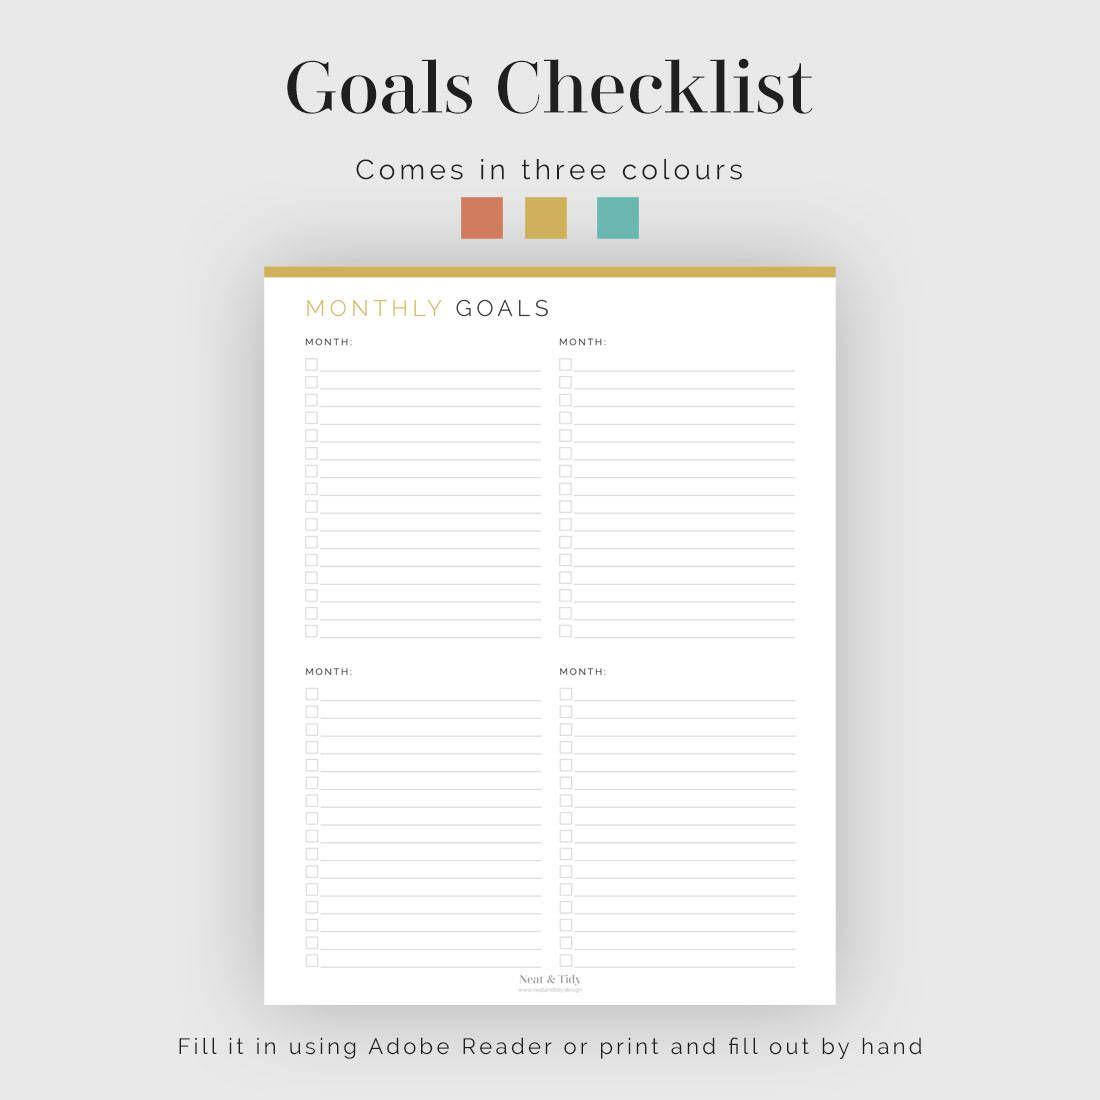 Goals Checklist